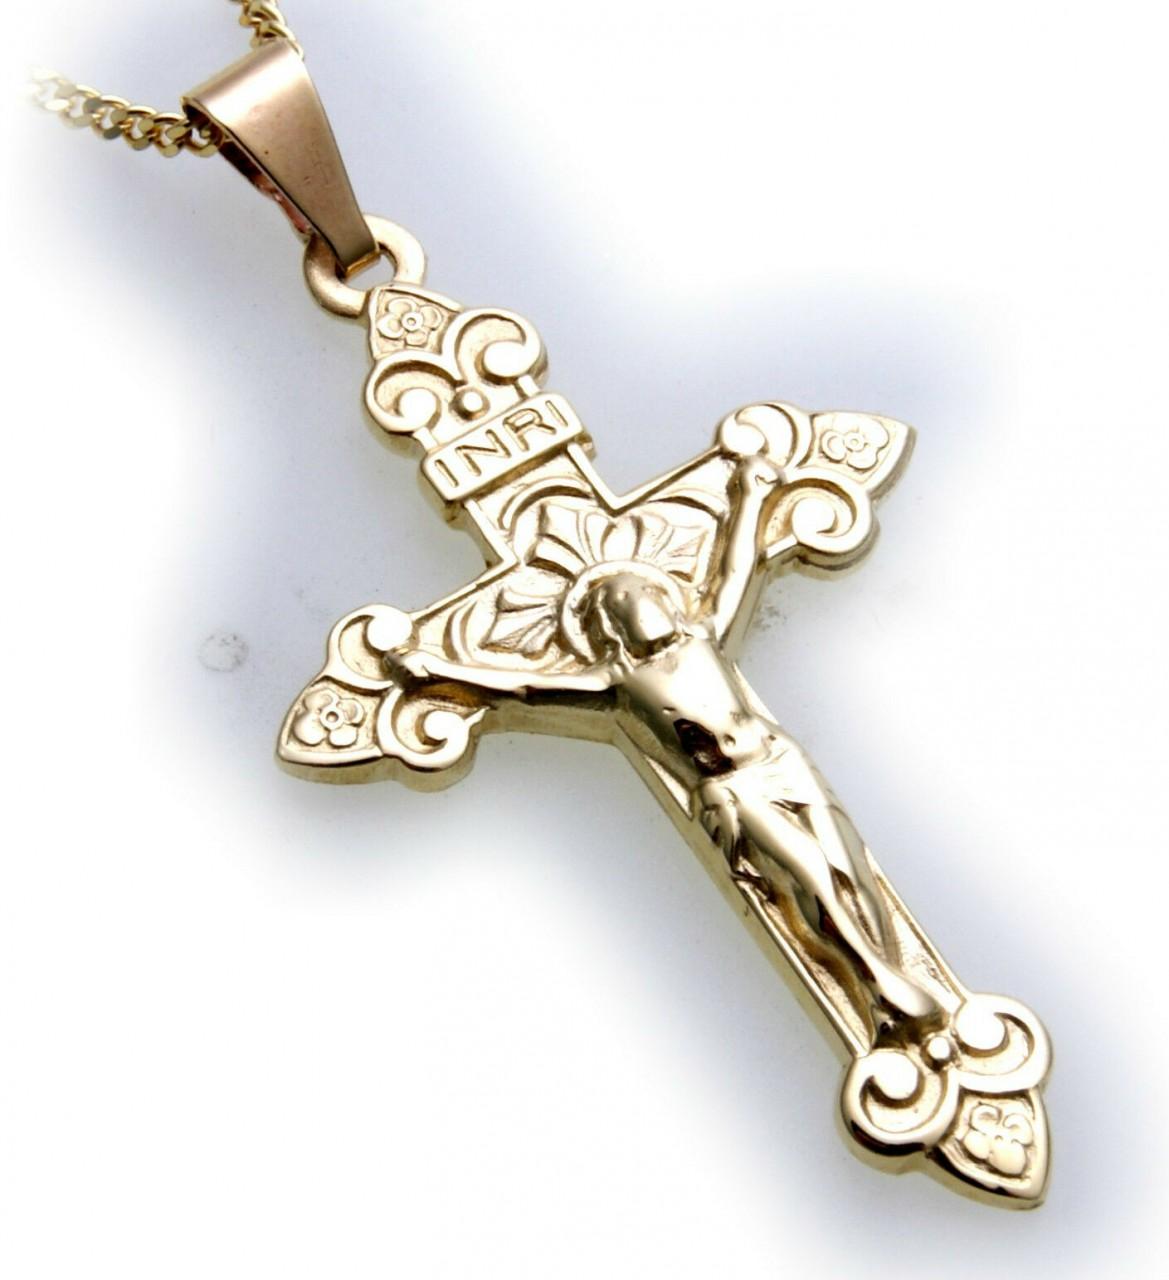 Anhänger Kreuz mit Jesus echt Gold 585 Gelbgold 14kt Top Qualität INRI Unisex